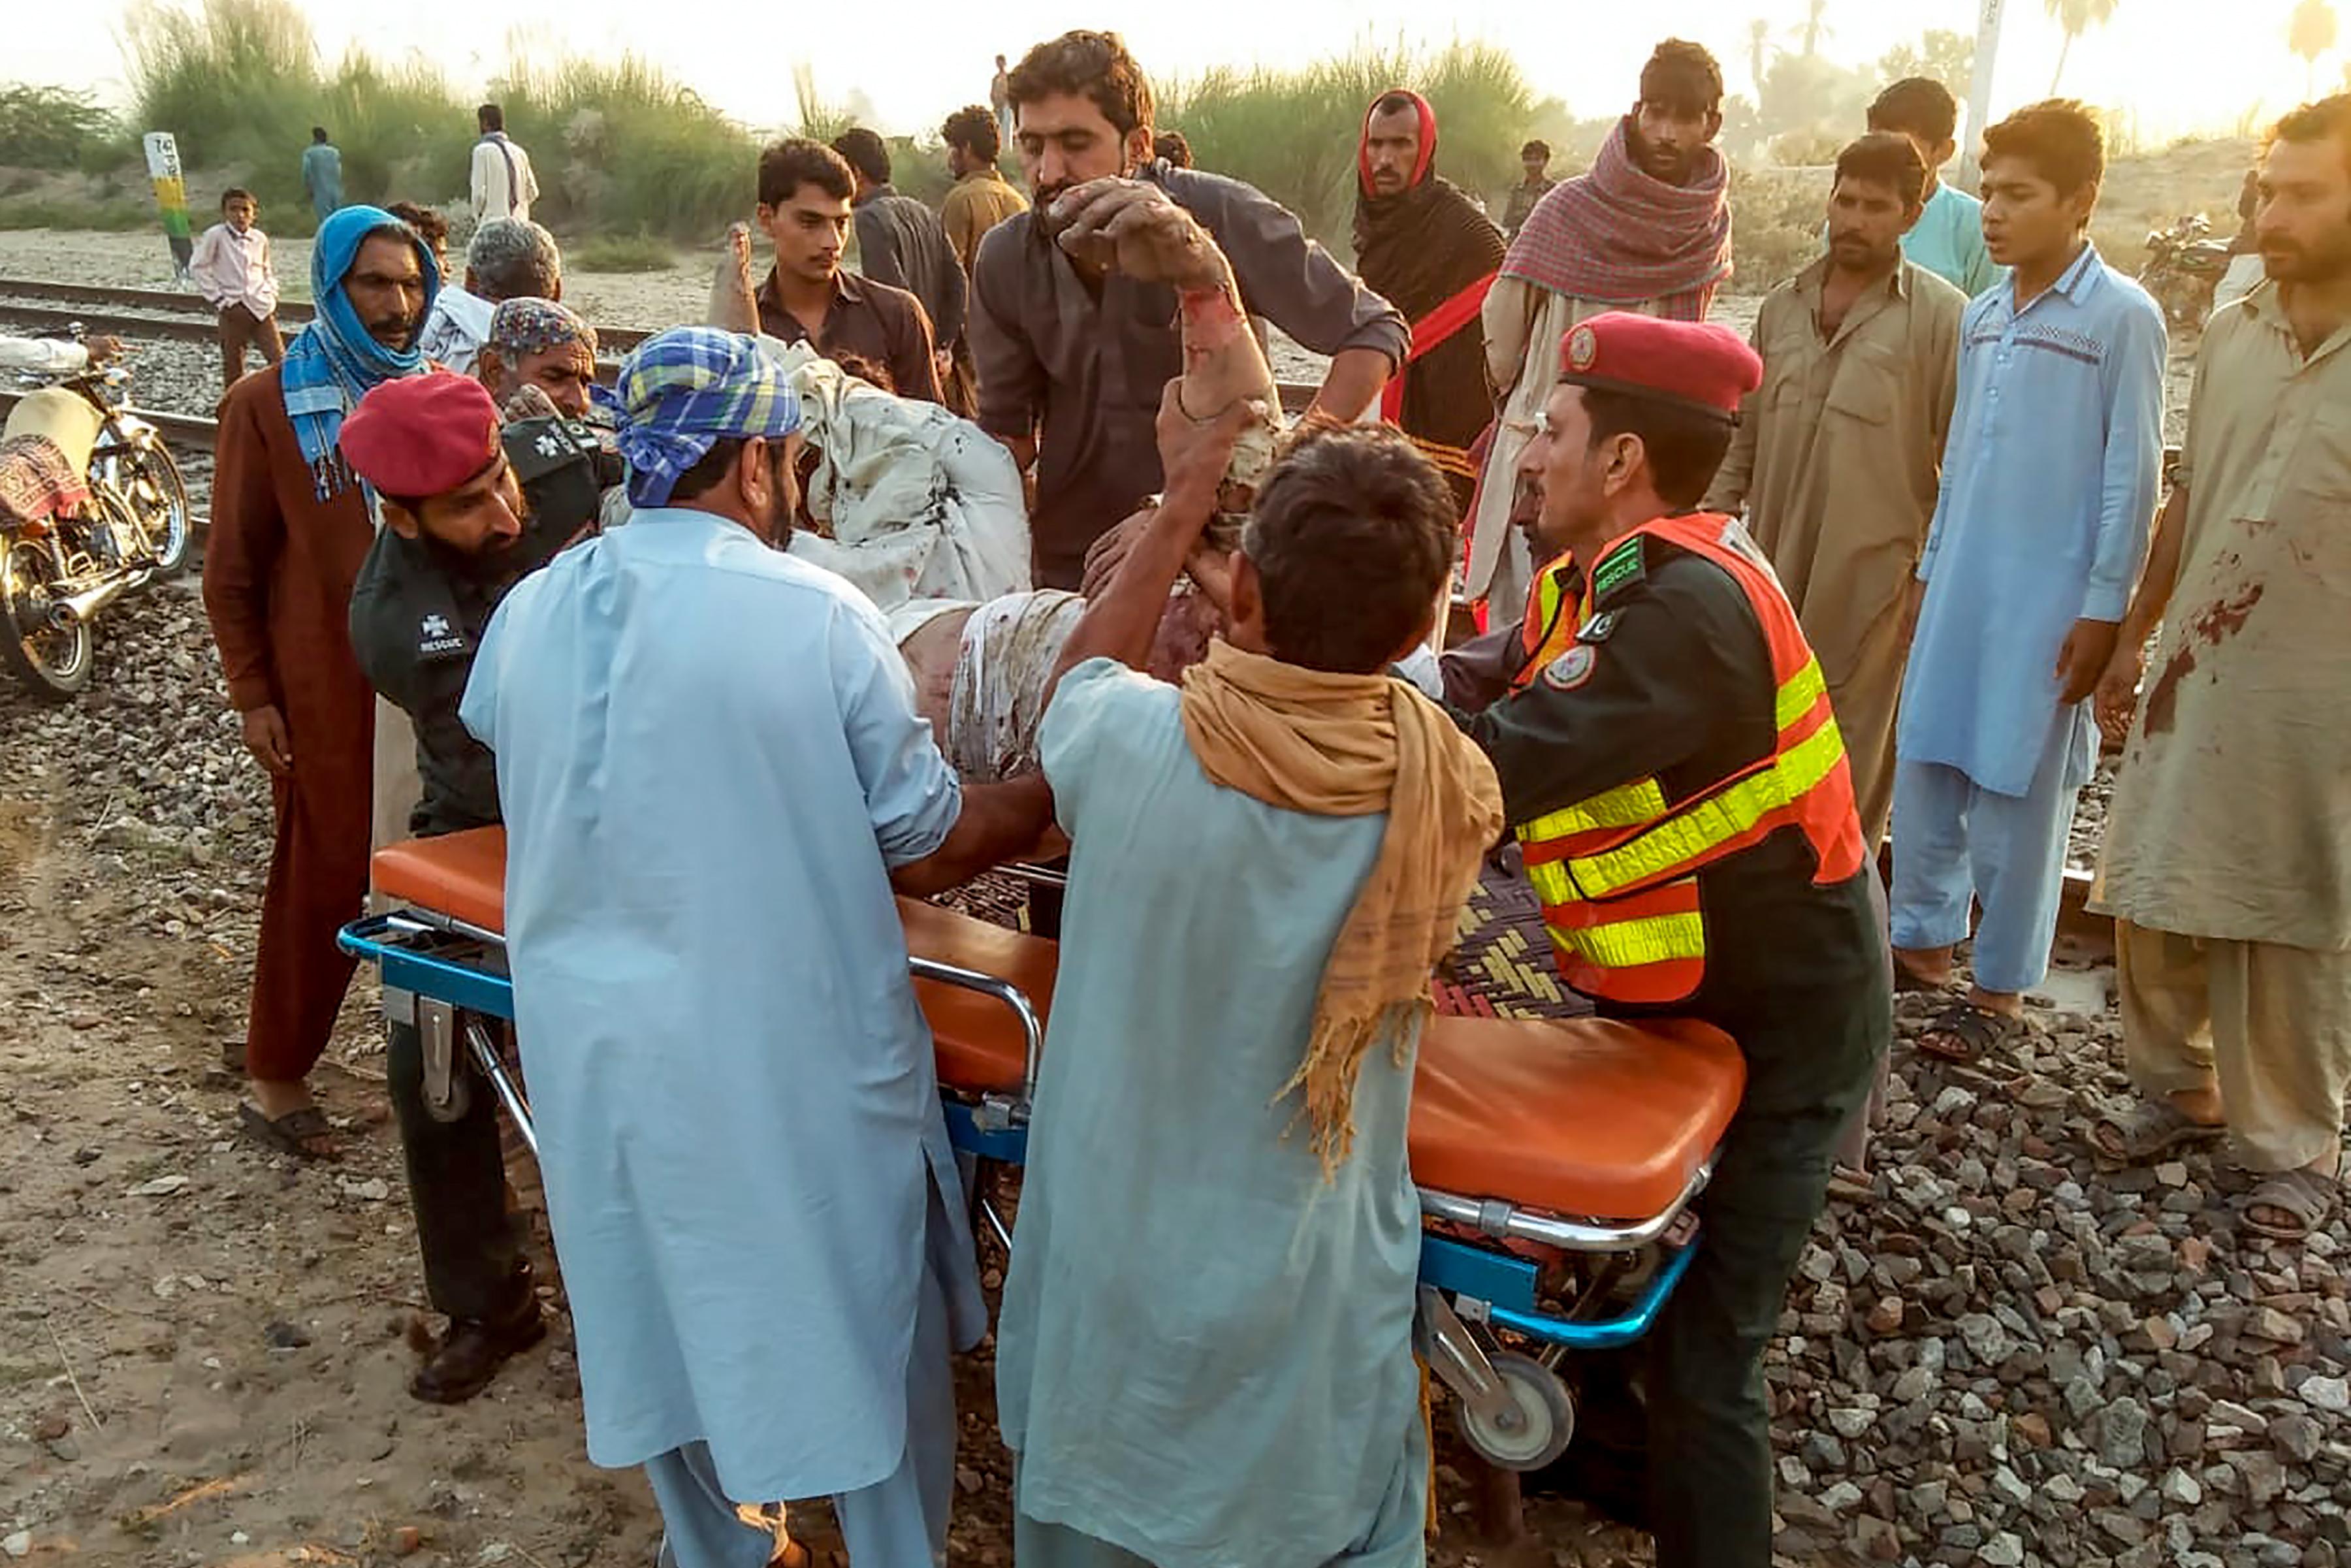 Los equipos de rescate mueven a una víctima herida en el sitio después de que un tren de pasajeros se incendió cerca de Rahim Yar Khan en la provincia de Punjab. (AFP / Servicio de Emergencia de Punjab de Pakistán)